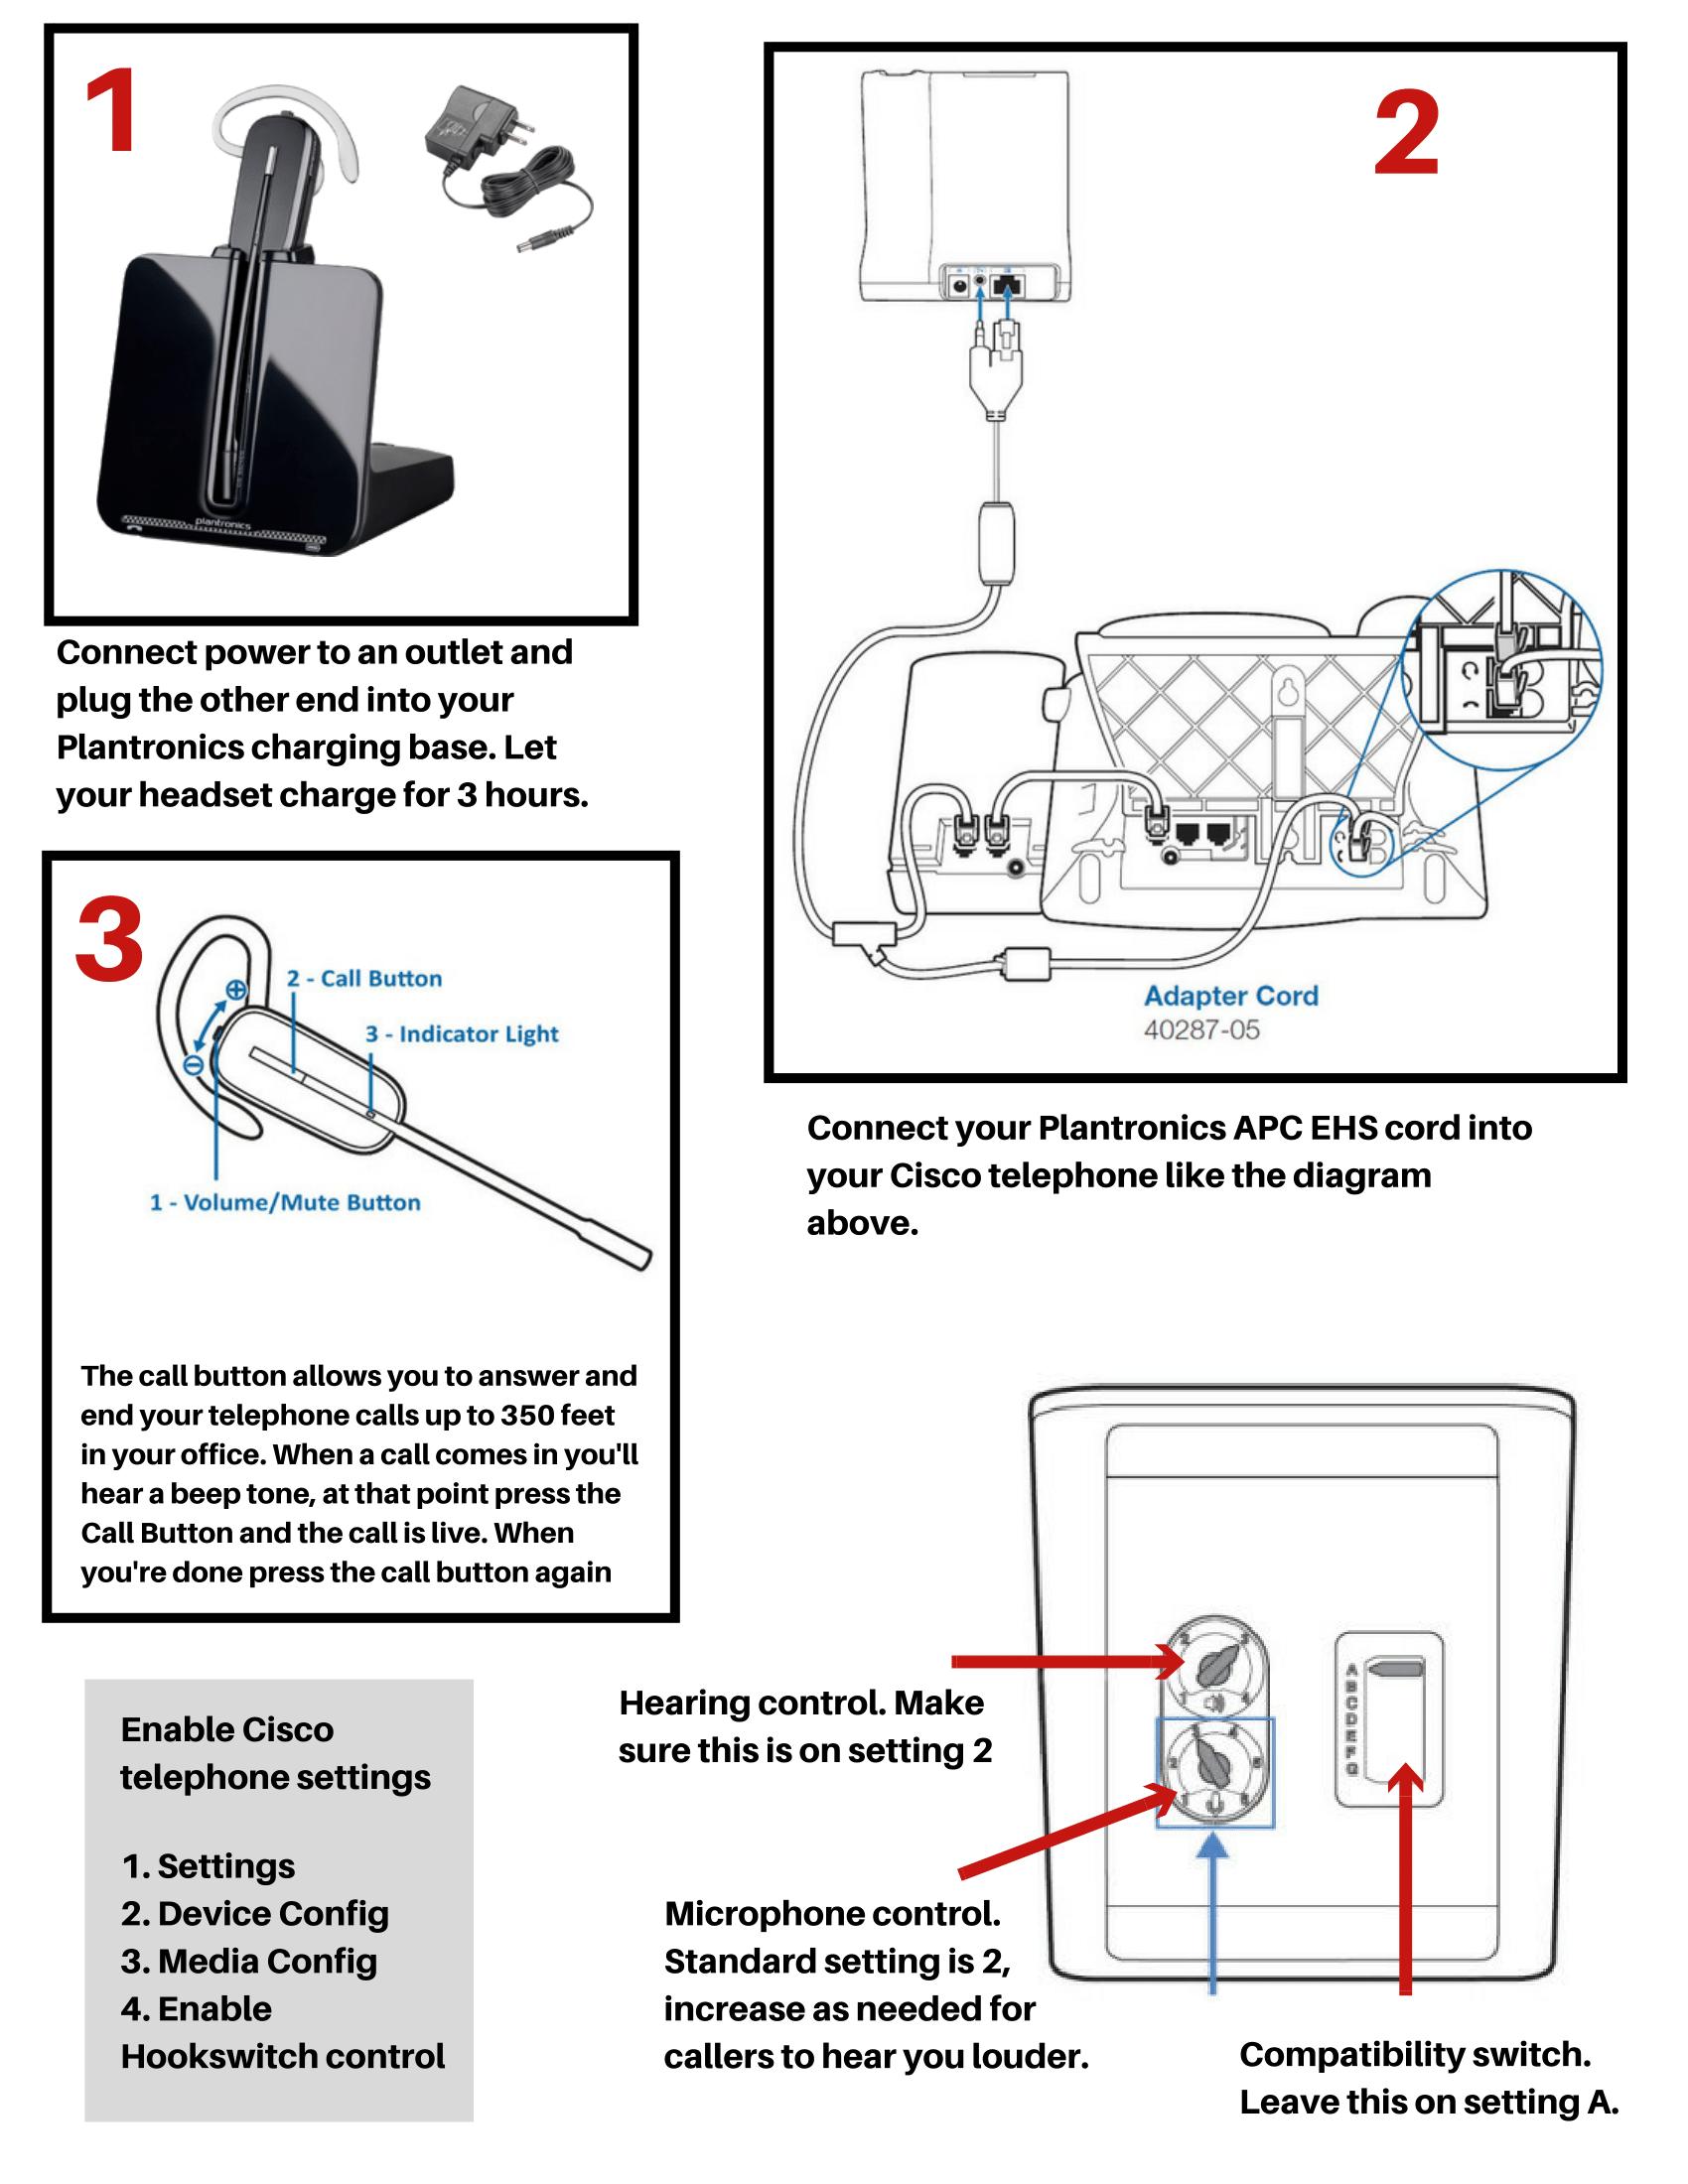 cs540 ehs cisco adapter setup guide 1?w=656 plantronics cs540 setup guide with cisco 7900 series telephone and